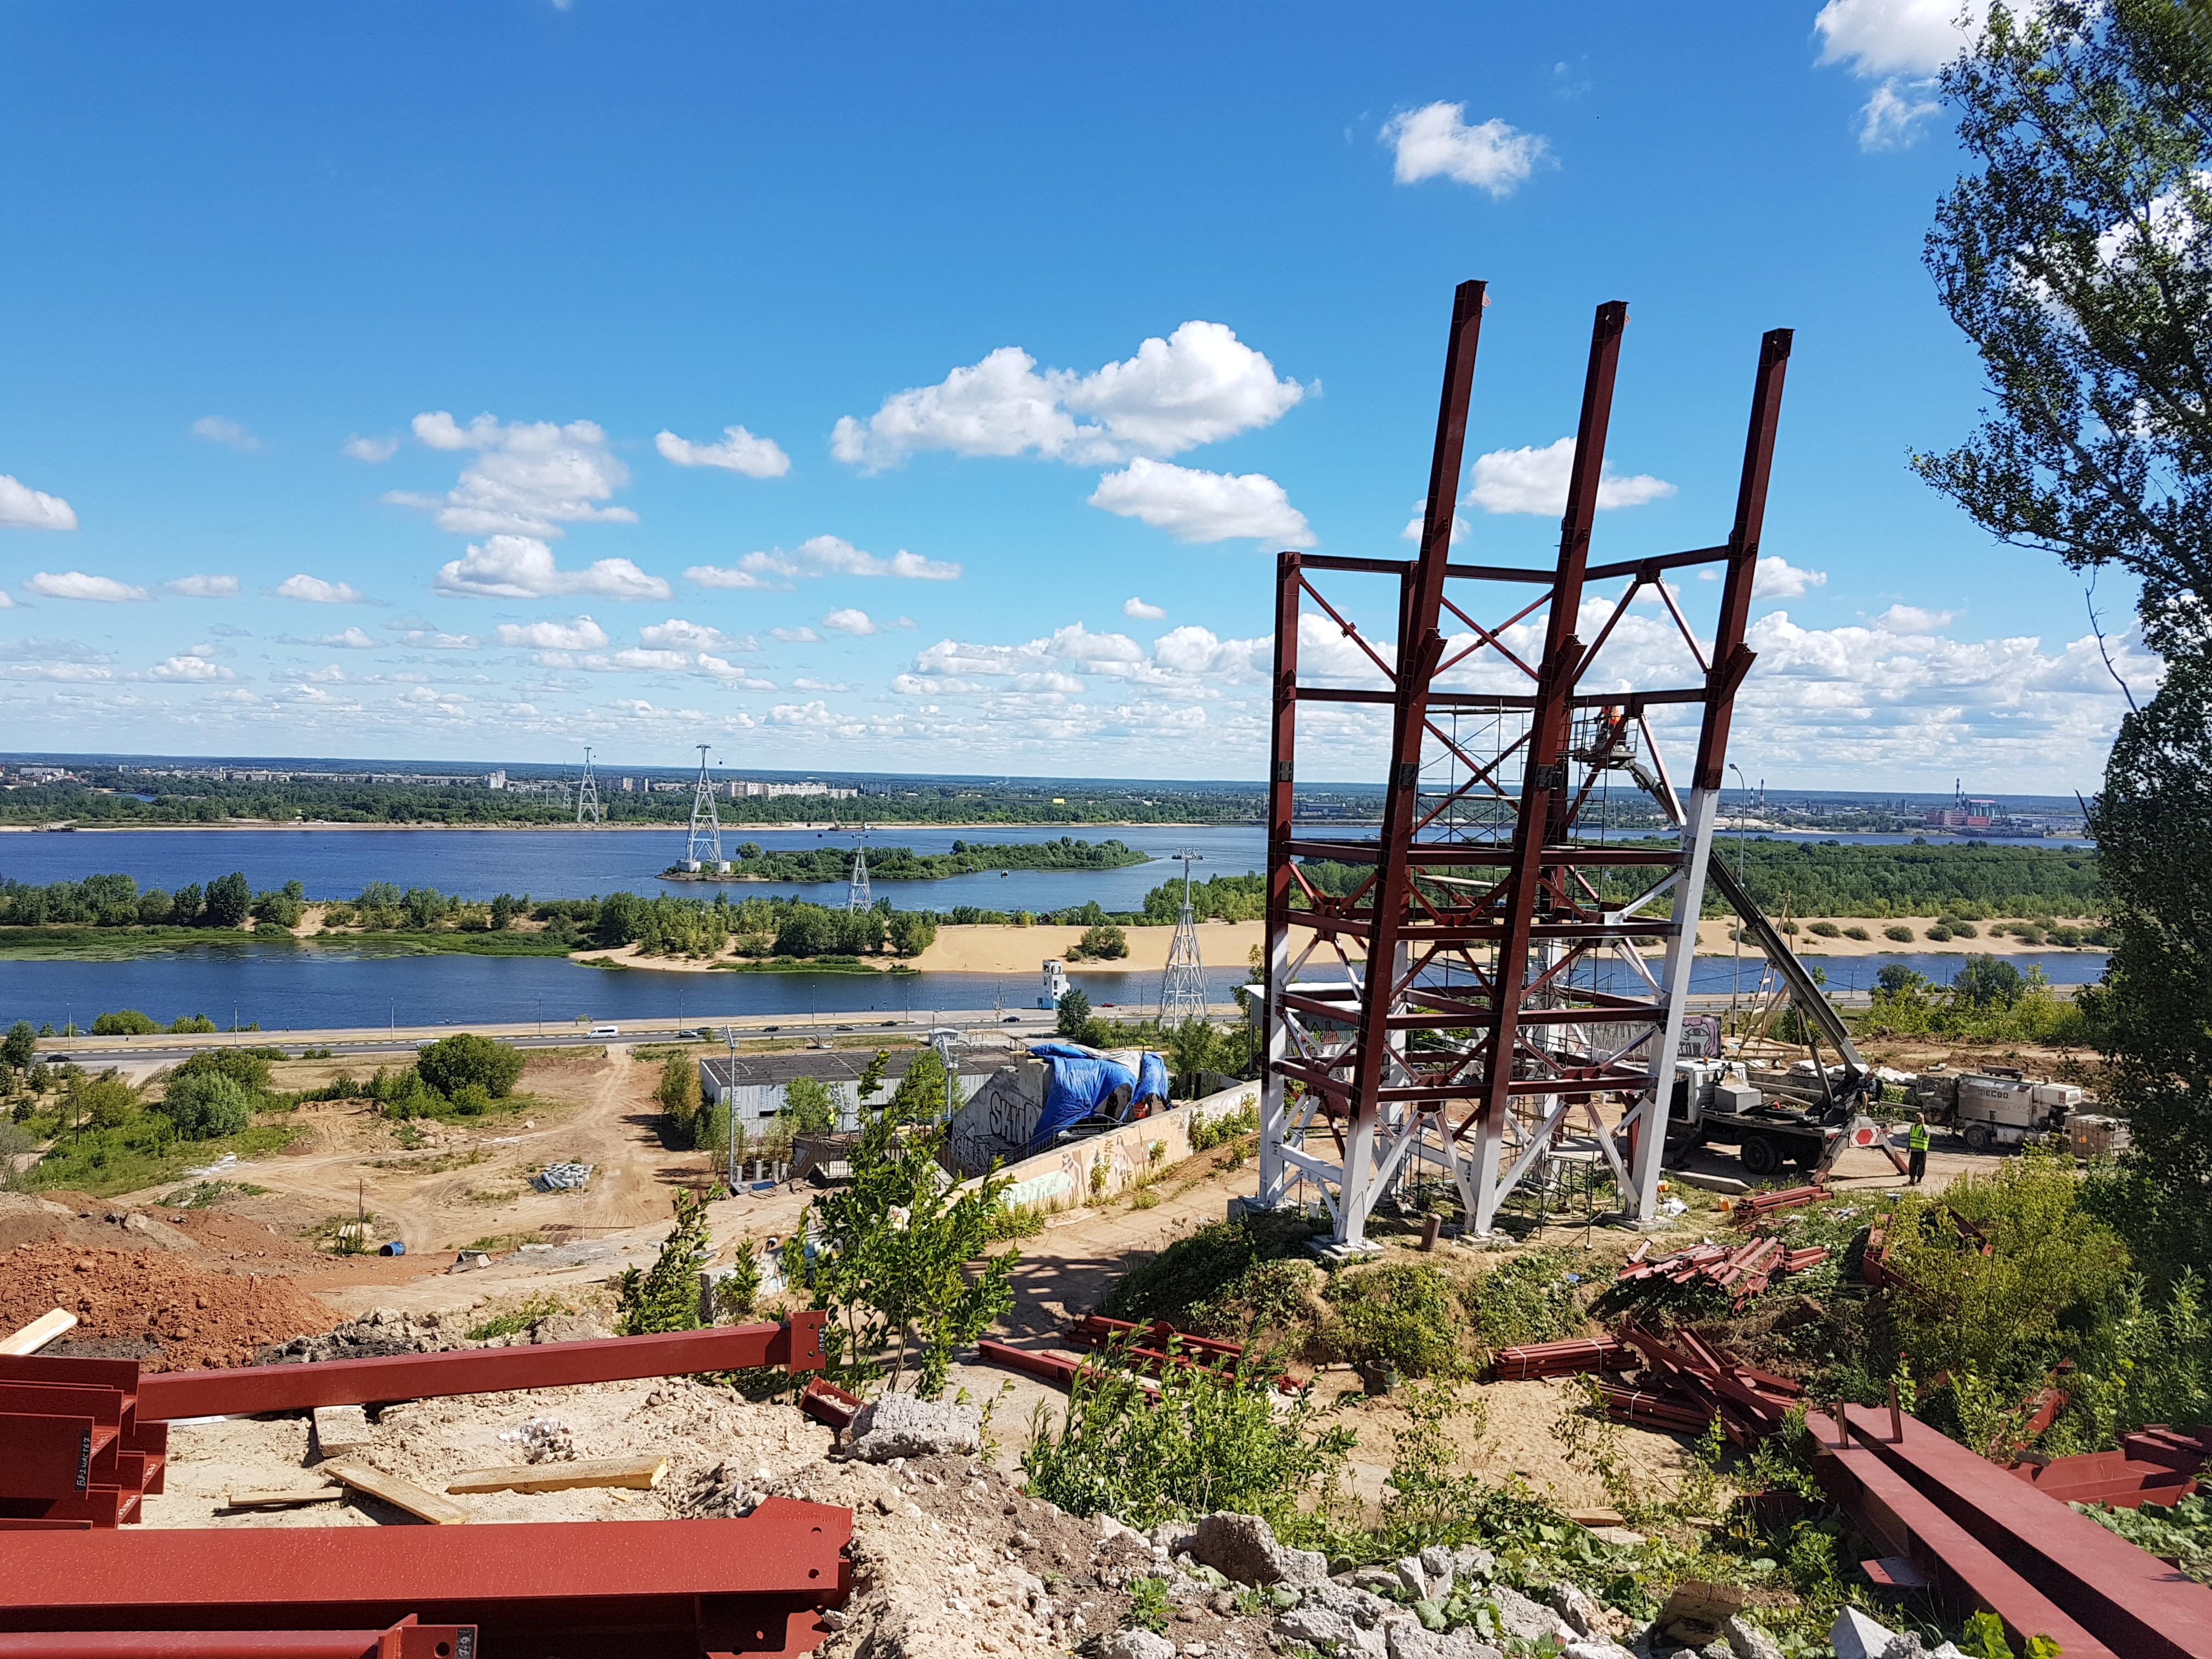 Нижегородский трамплин К-60 построен уже больше, чем наполовину - фото 1